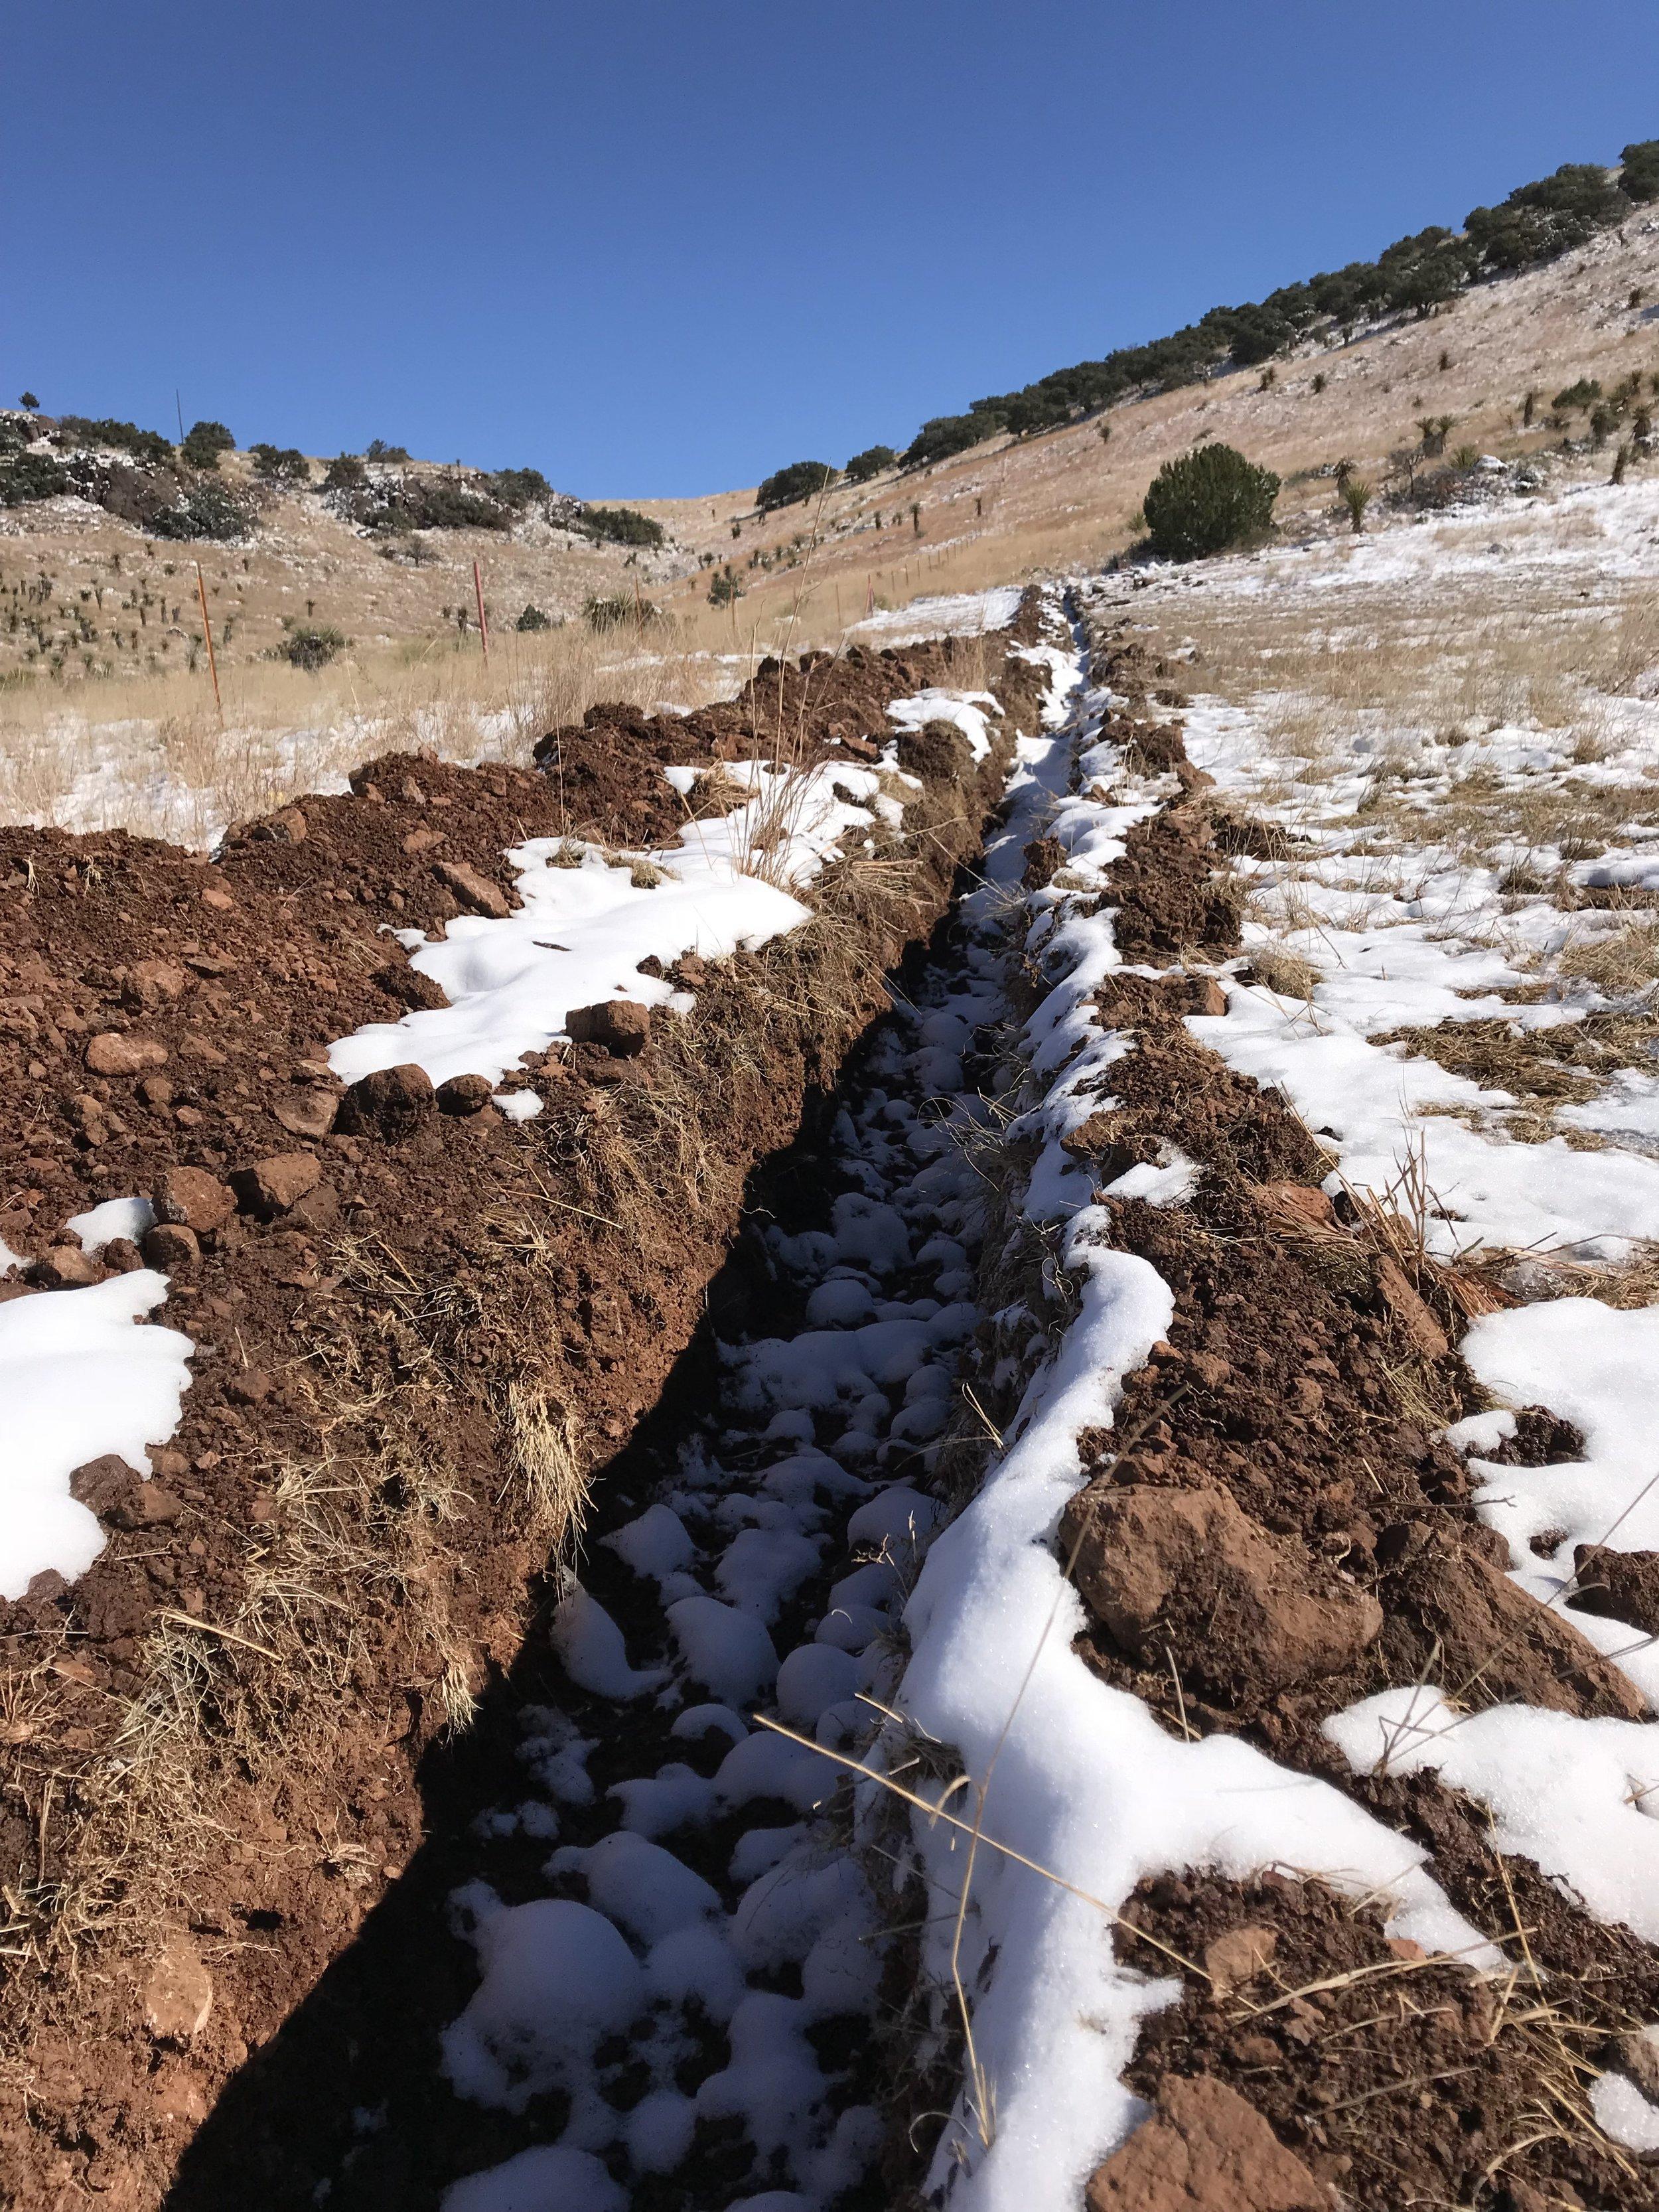 A snowy ditch.